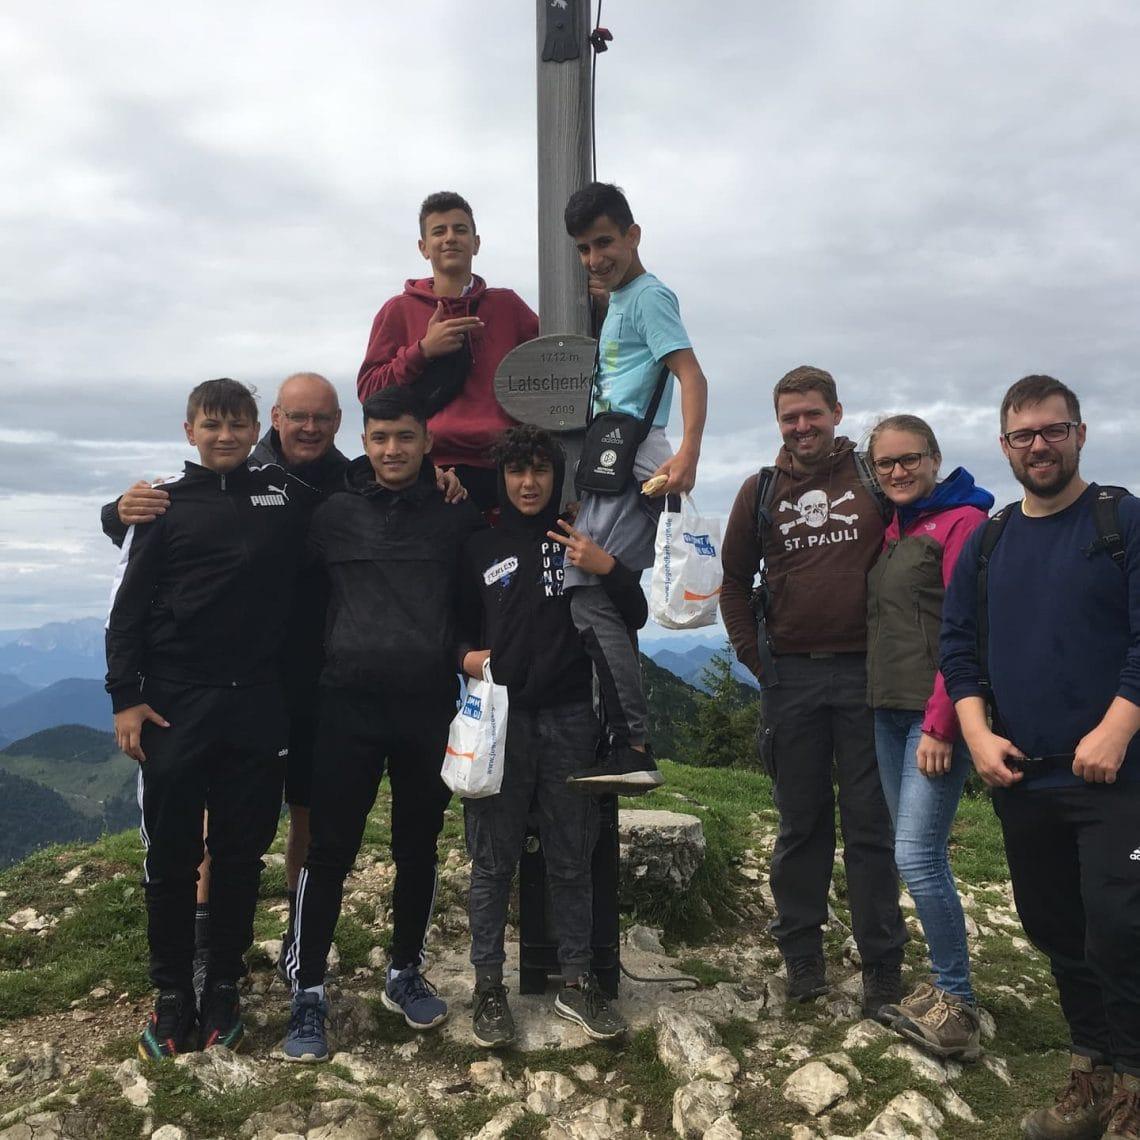 Blizz Leserreporter Fünf sportliche Tage für Regensburger Jungs